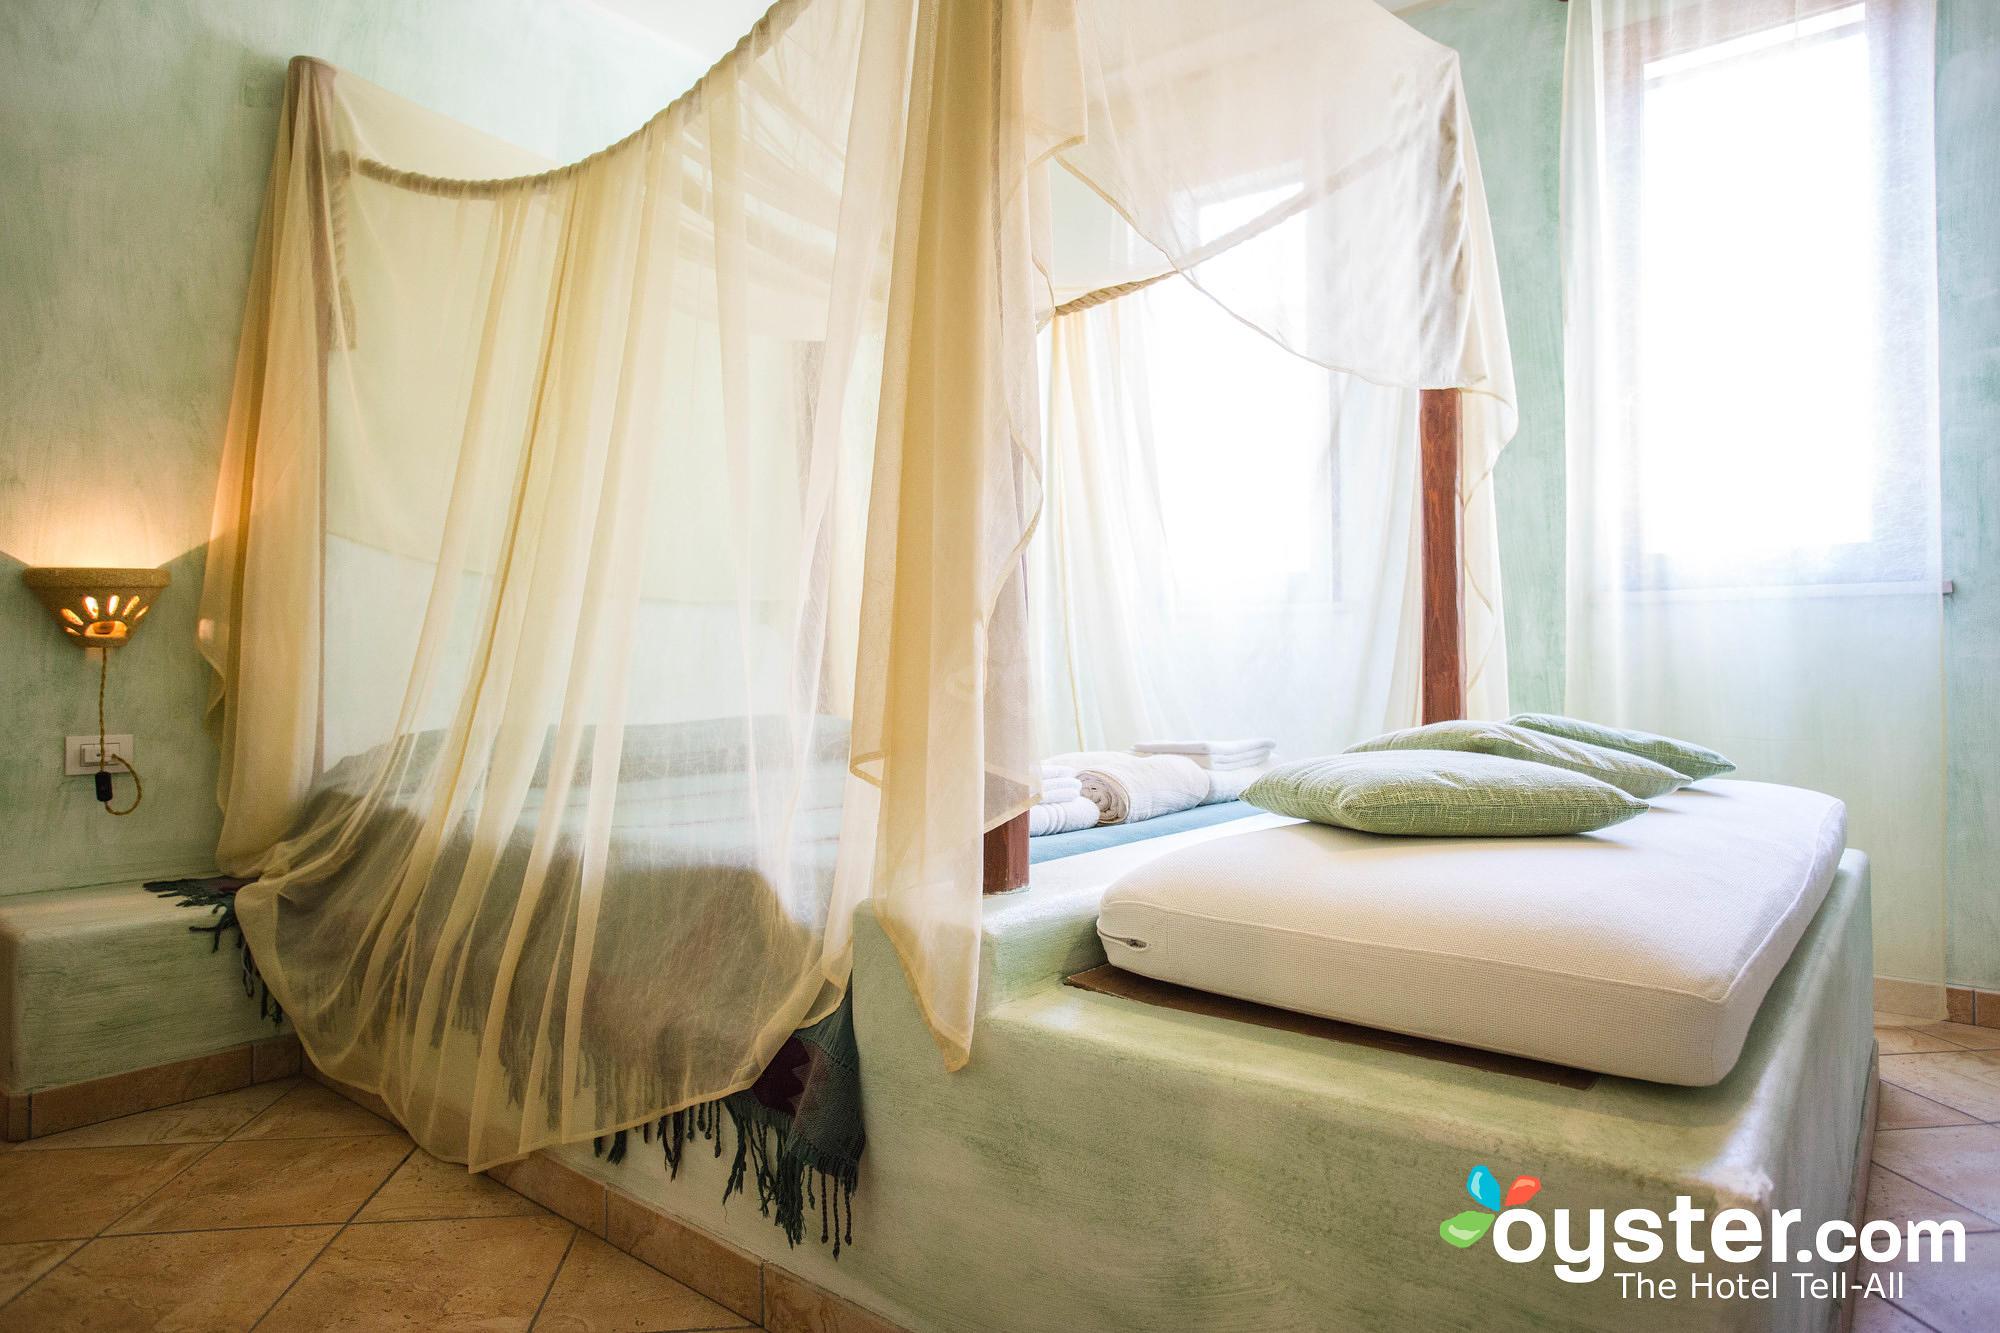 acquamarina-suite--v8592003-2000